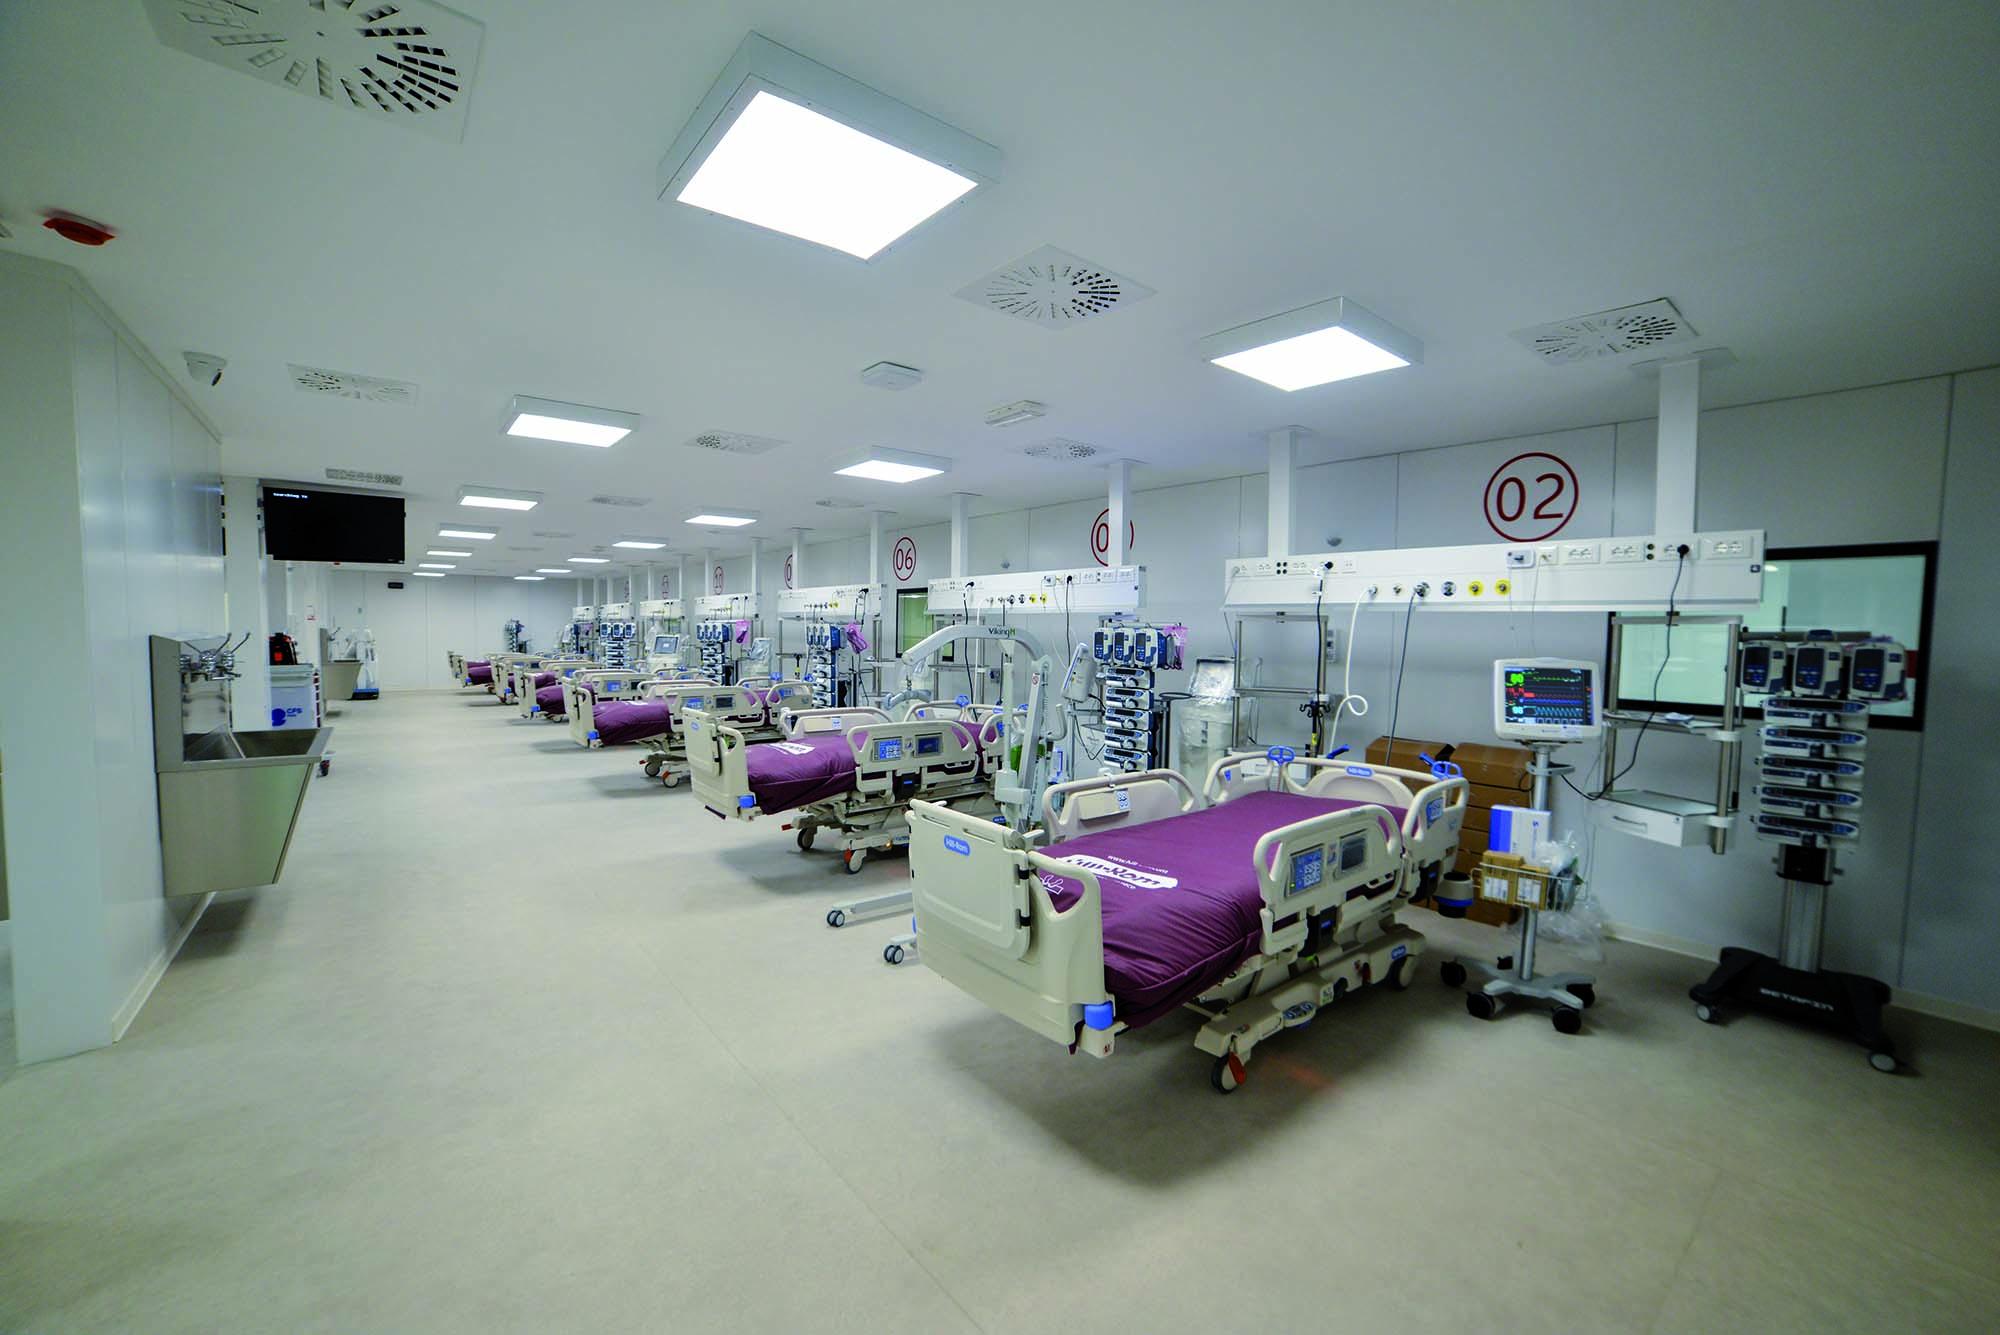 Pavimentazioni in PVC all'Ospedale Covid alla Fiera del Levante di Bari